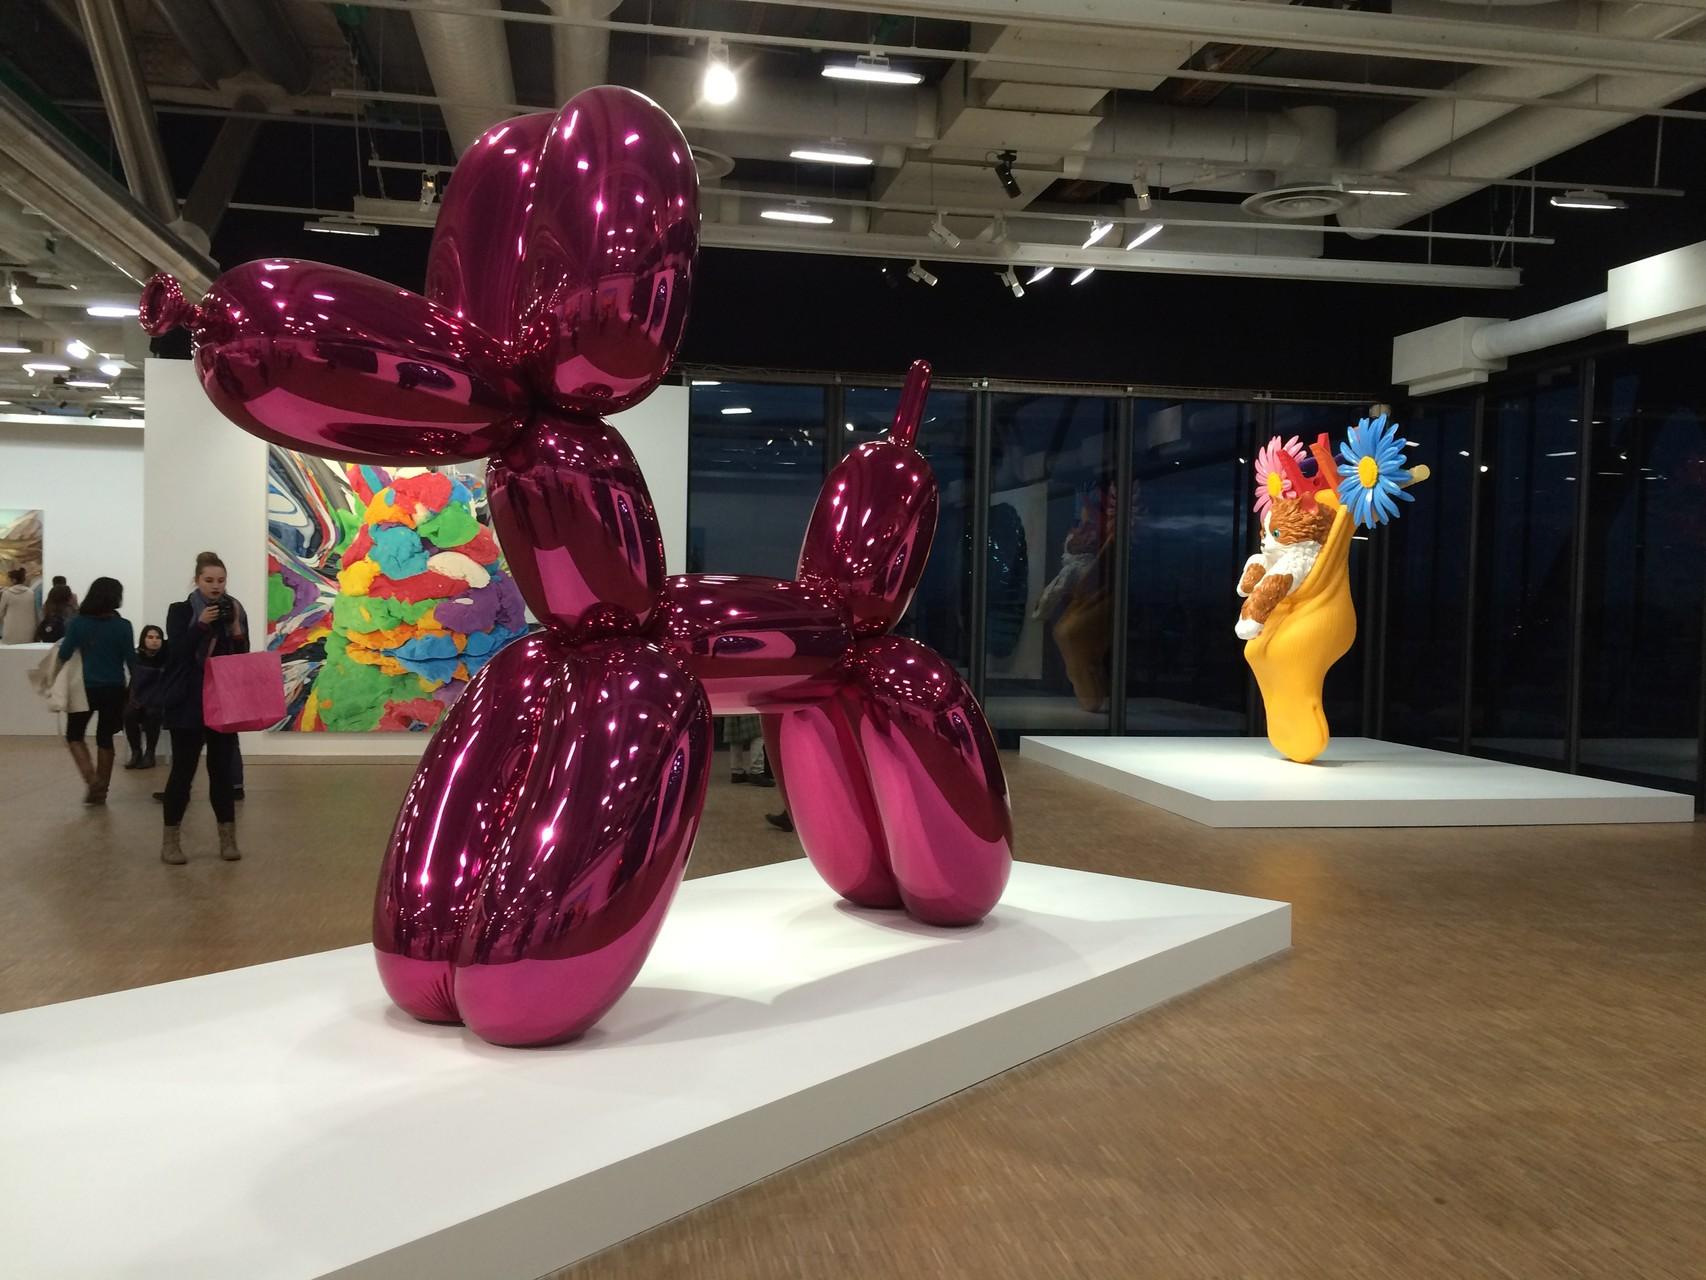 Parcours Jeff Koons au Centre Georges Pompidou